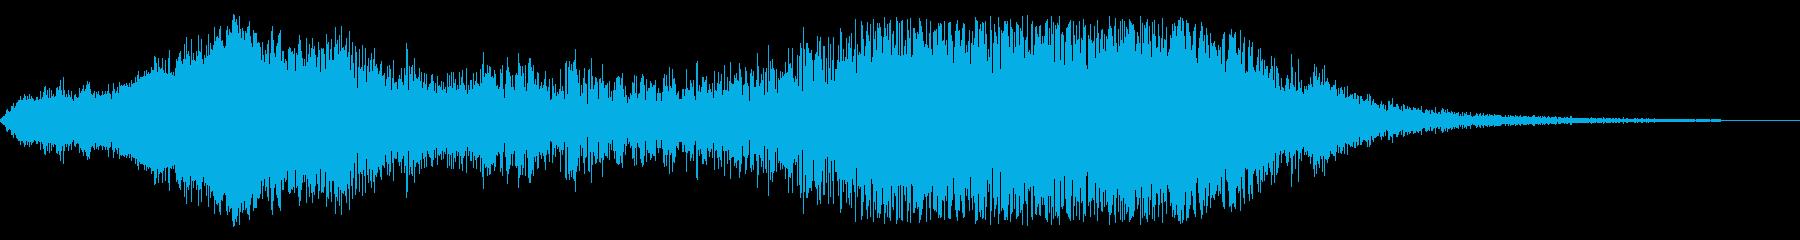 F1などのレース、エンジン音に最適!37の再生済みの波形